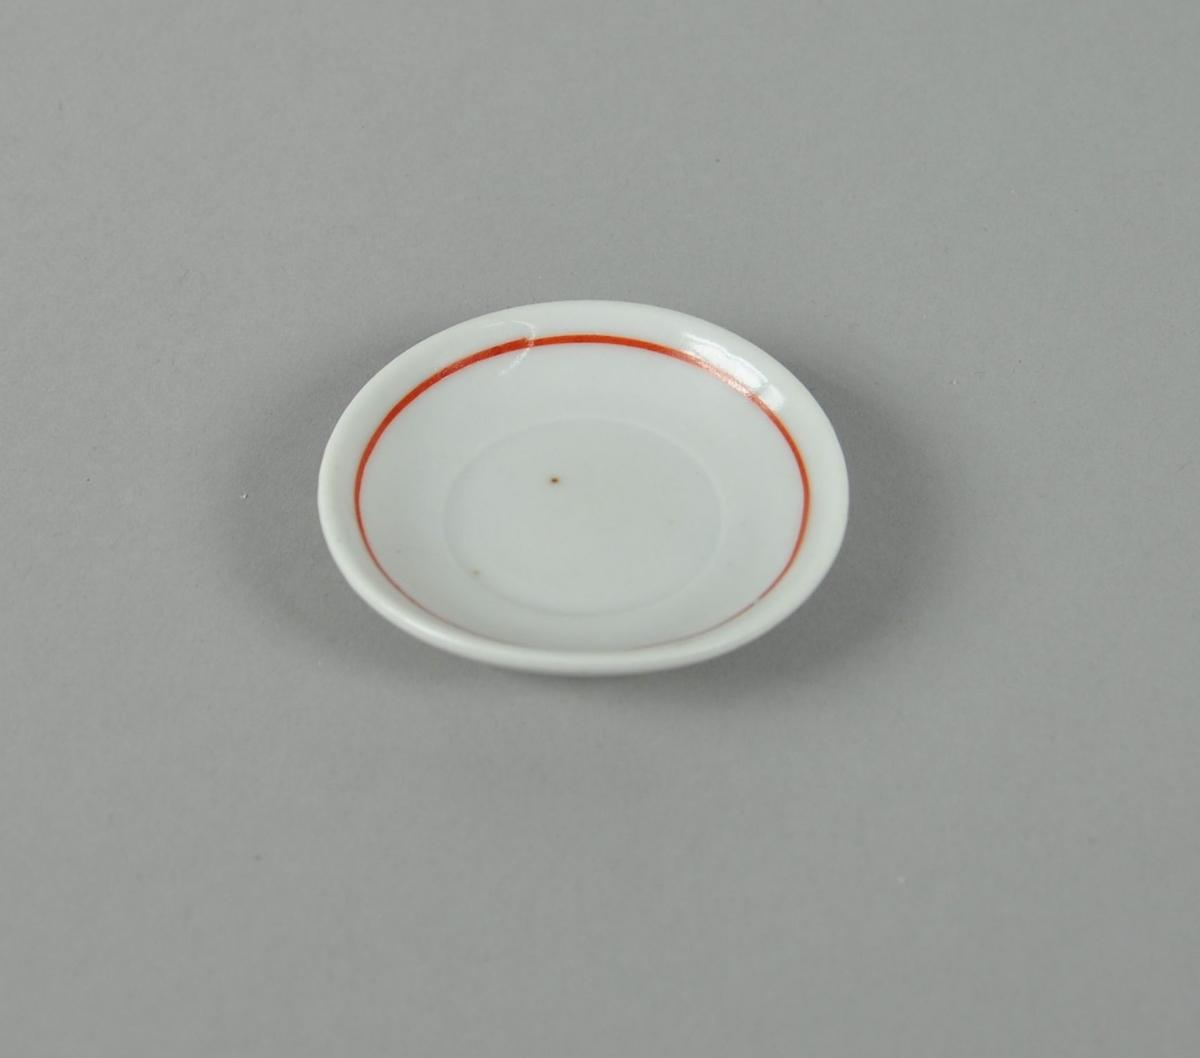 Skål av glassert keramikk. Hvit farge, med dekorativ ring i rødt.